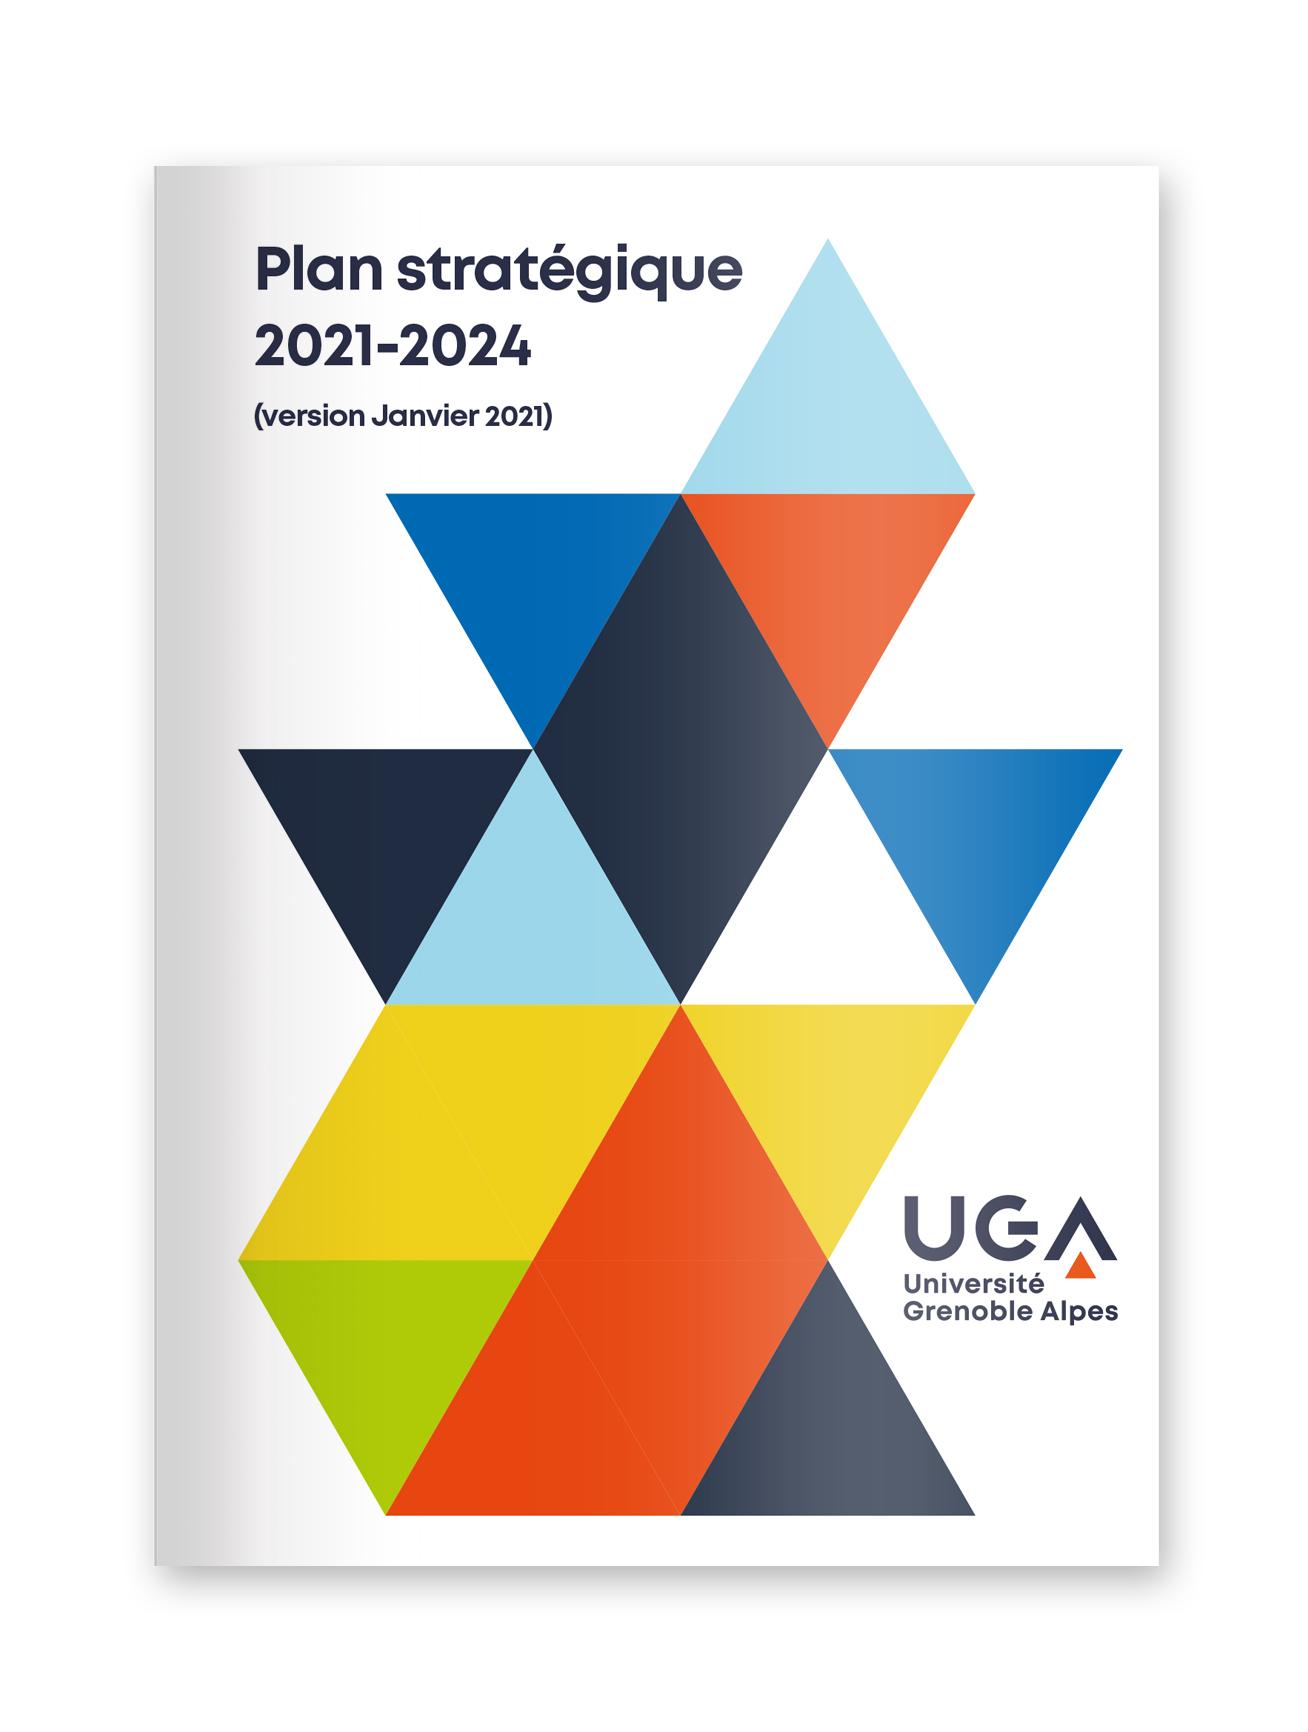 UGA_Plan strat 2021-2024_COUV